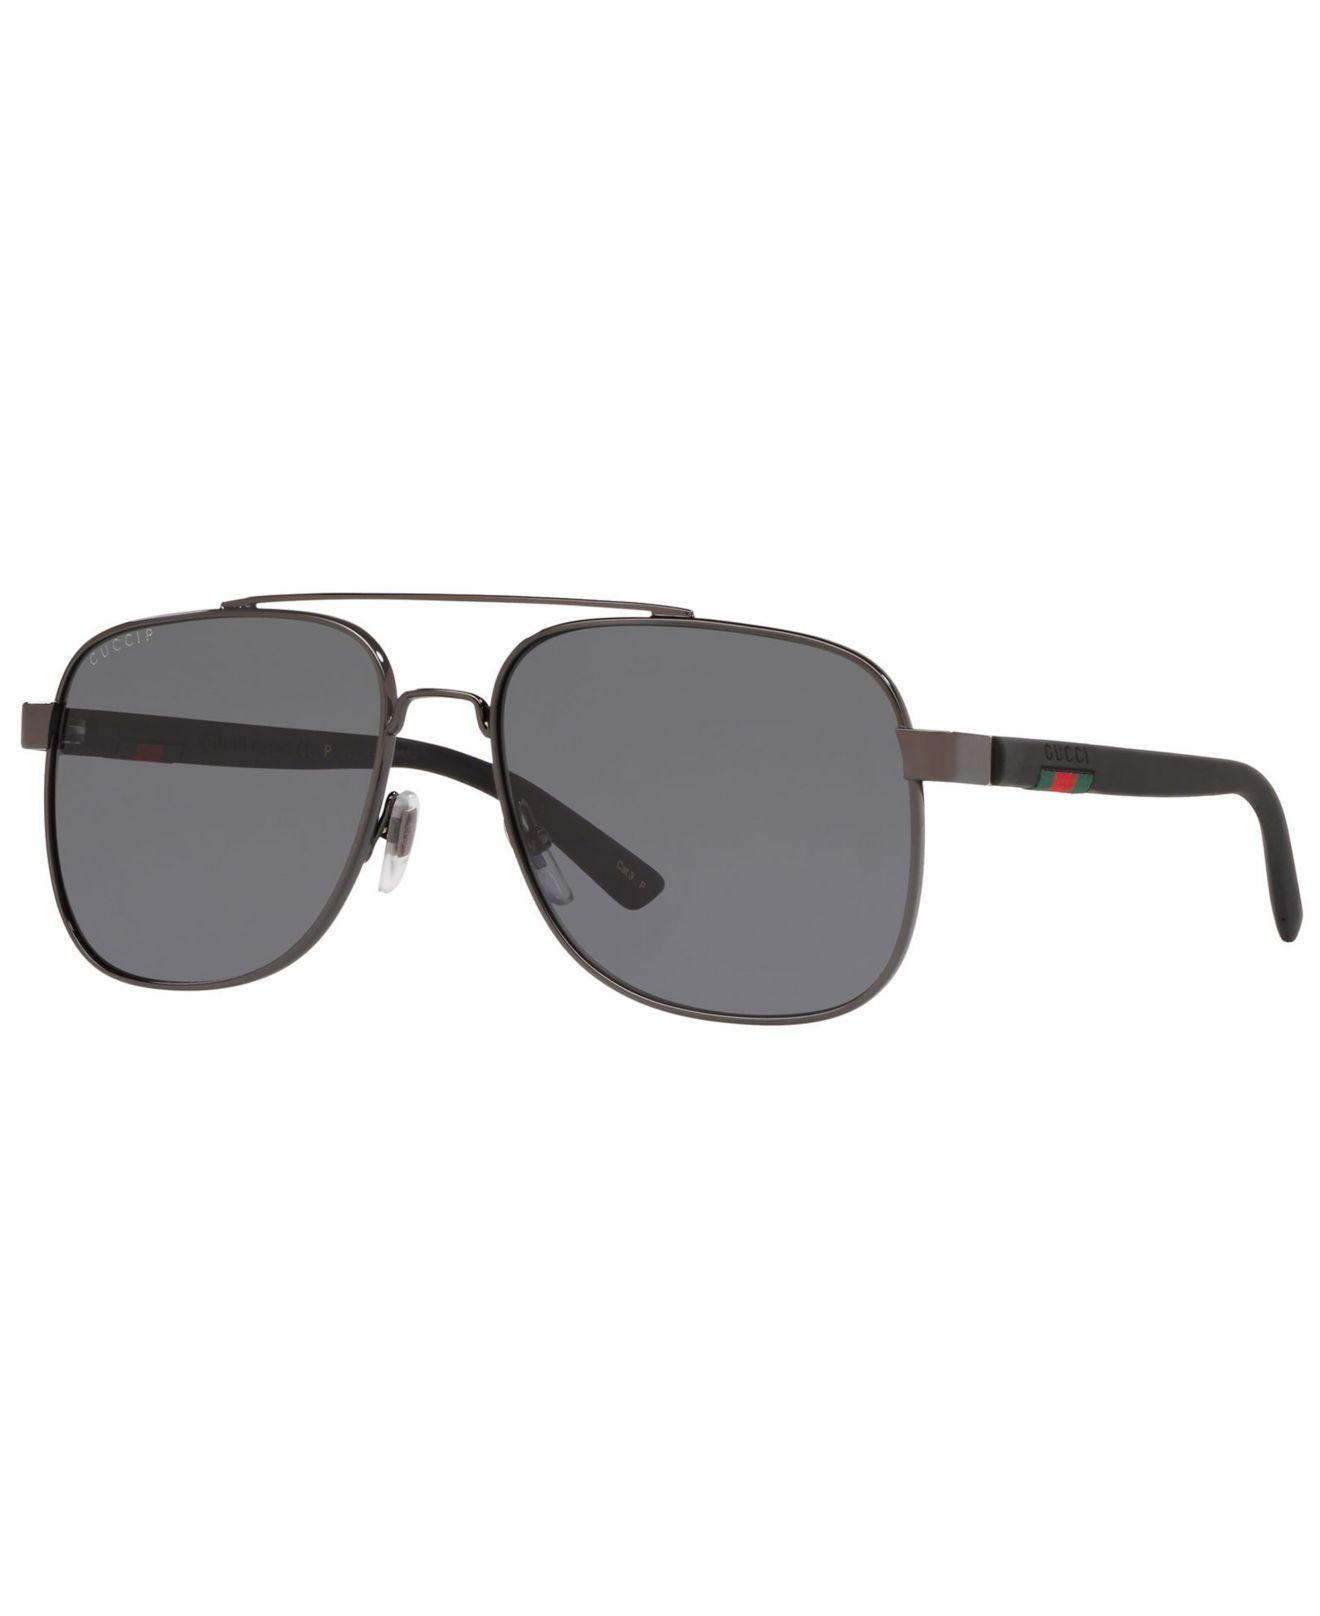 de2b75ce5a Gucci. Men s Gray Polarized Sunglasses ...